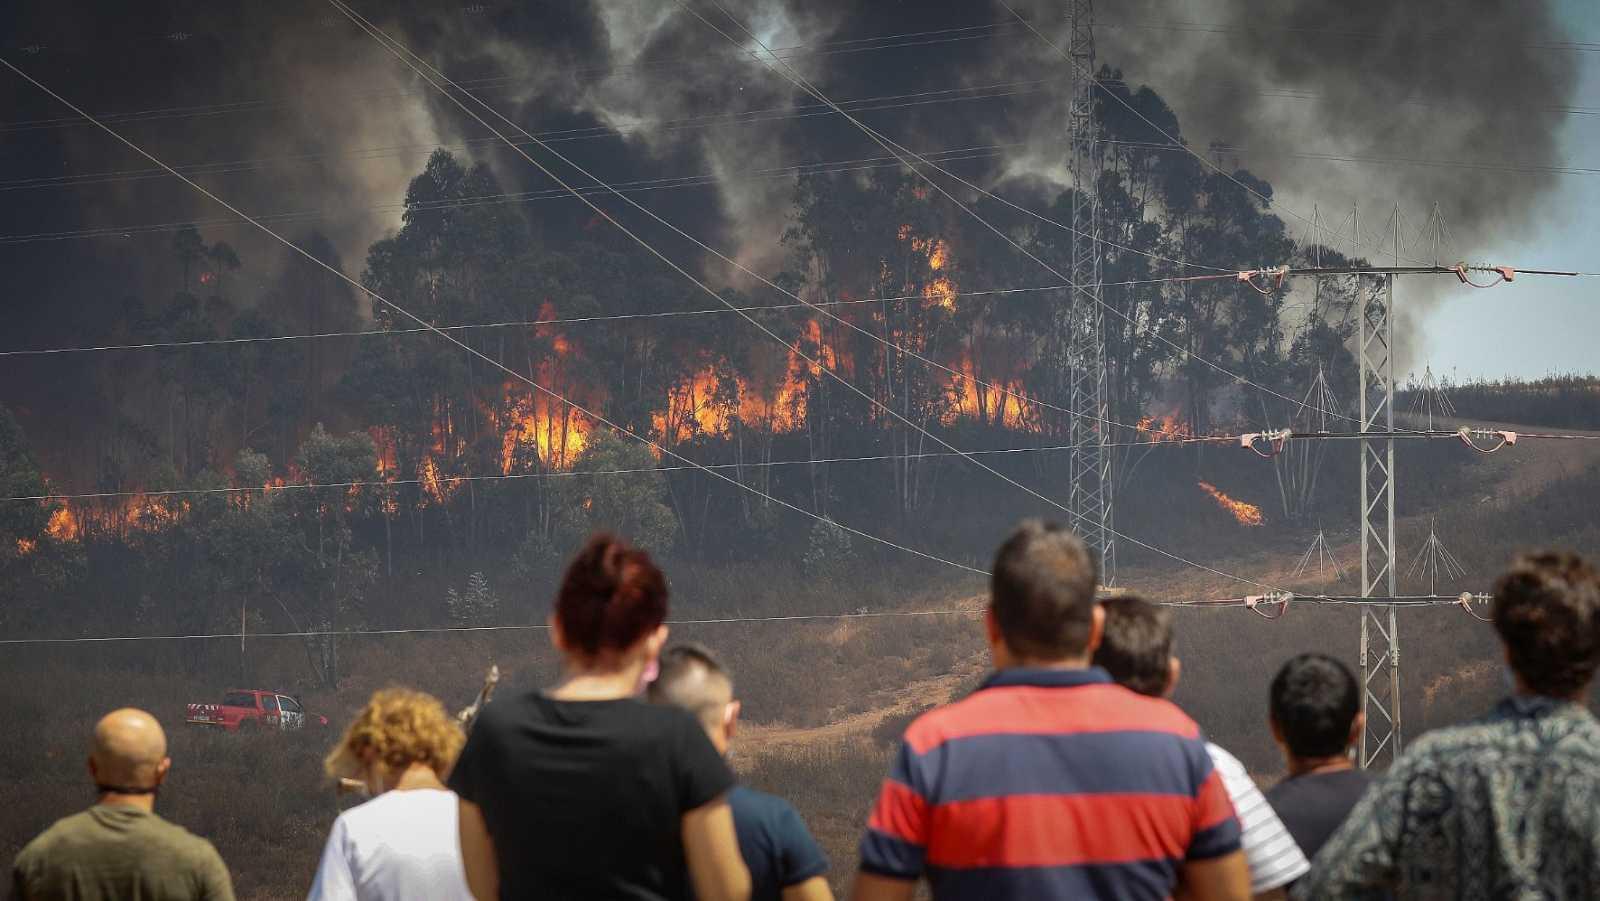 El incendio de Huelva sigue sin control y con más de 3.000 desalojados